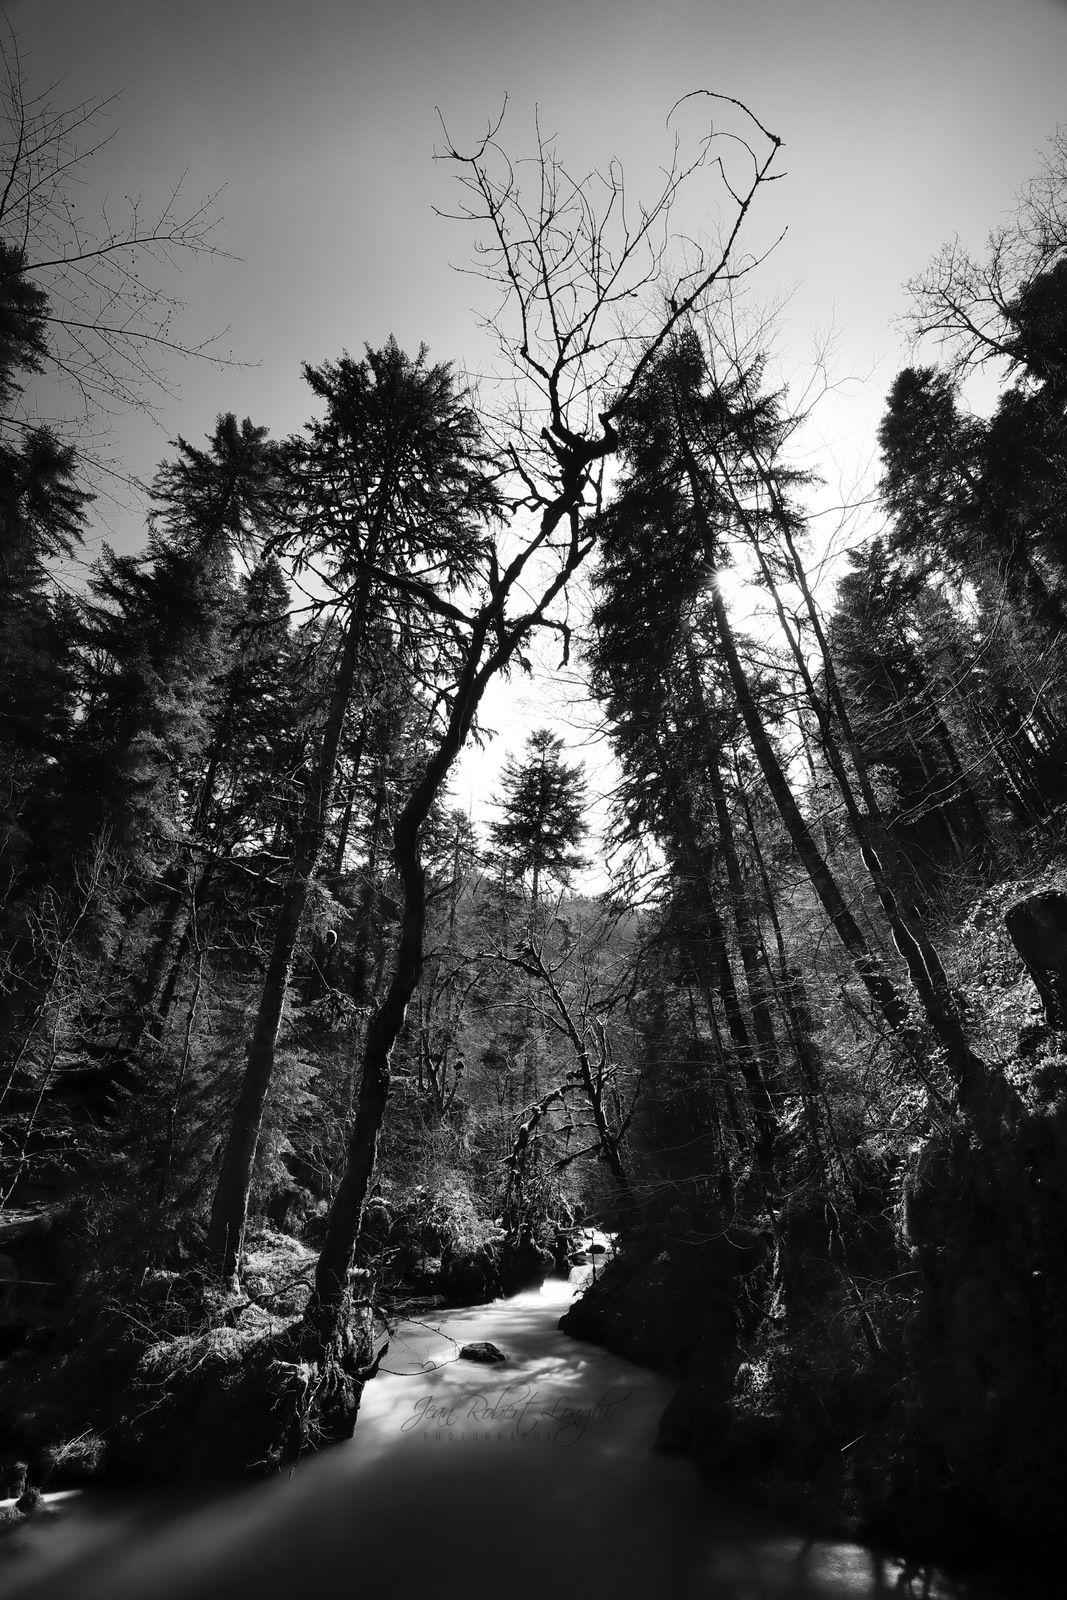 Doubs - Lumière de printemps - 3 - Val de Consolation - ©2021 Jean-Robert Longhi Photographie non libre de droits.